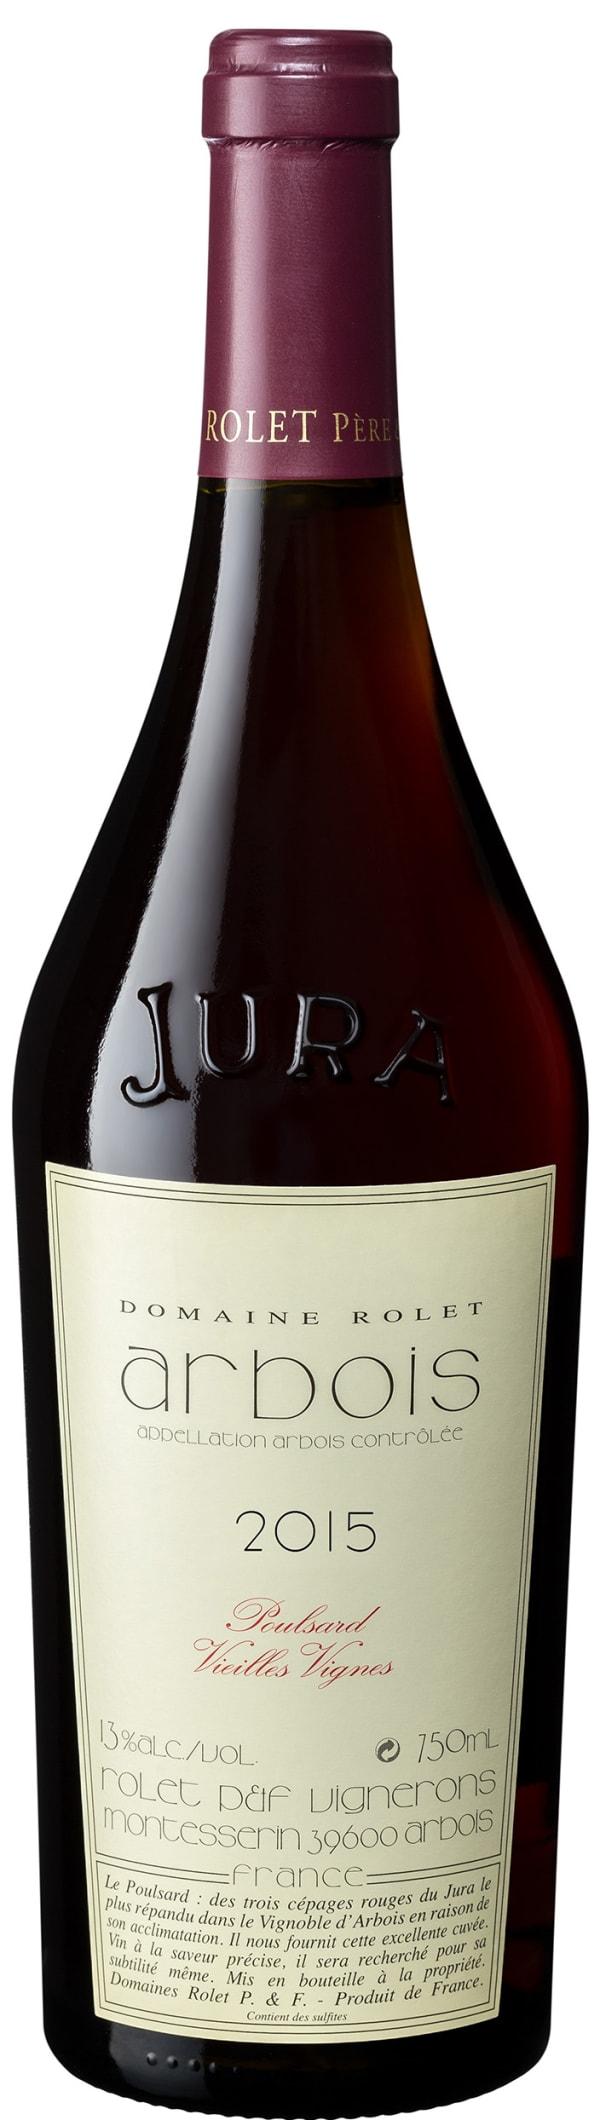 Domaine Rolet Arbois Poulsard Vielles Vignes 2015